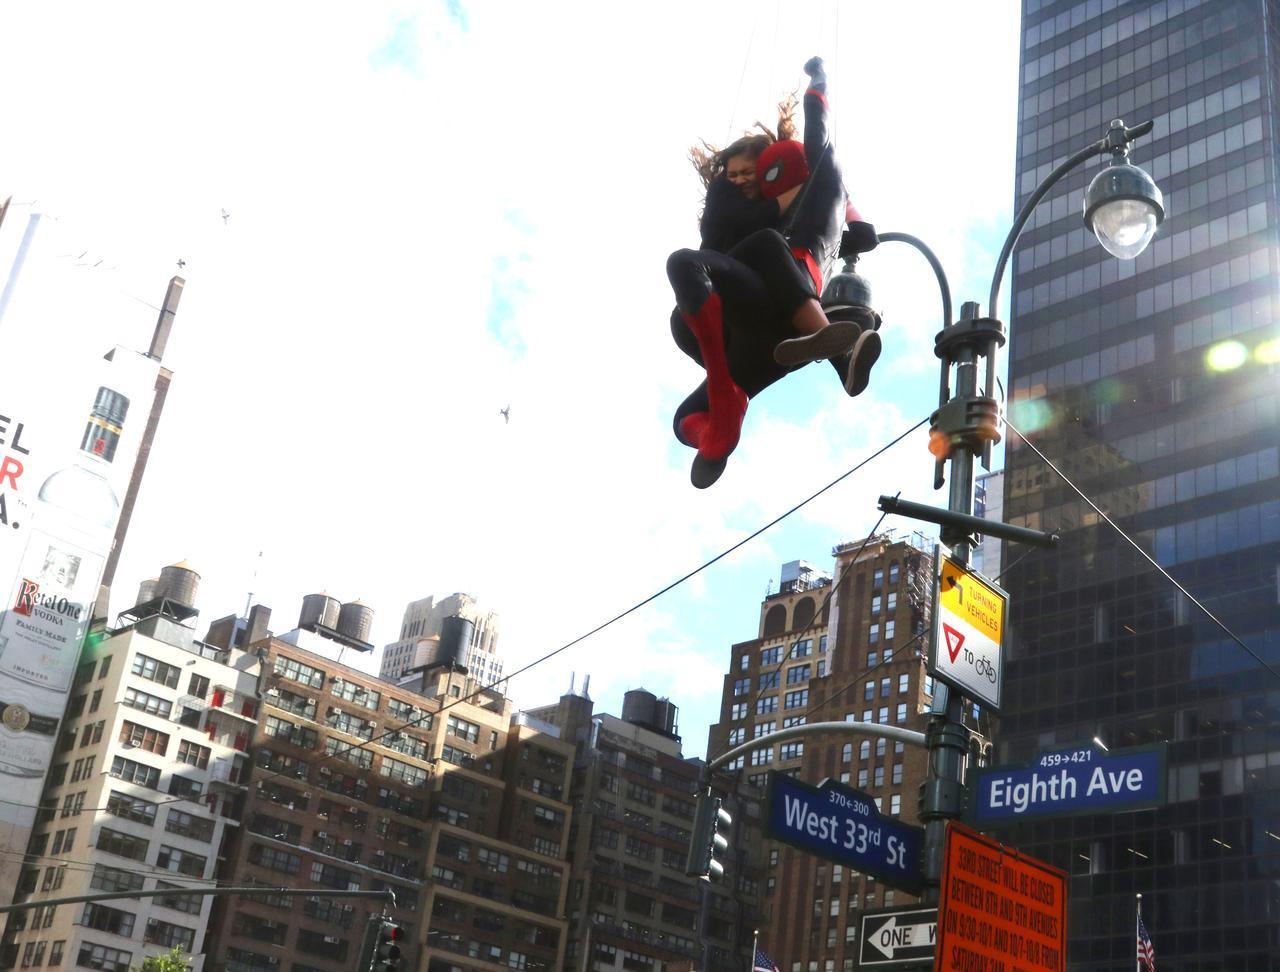 画像6: 新作『スパイダーマン』の撮影が終了